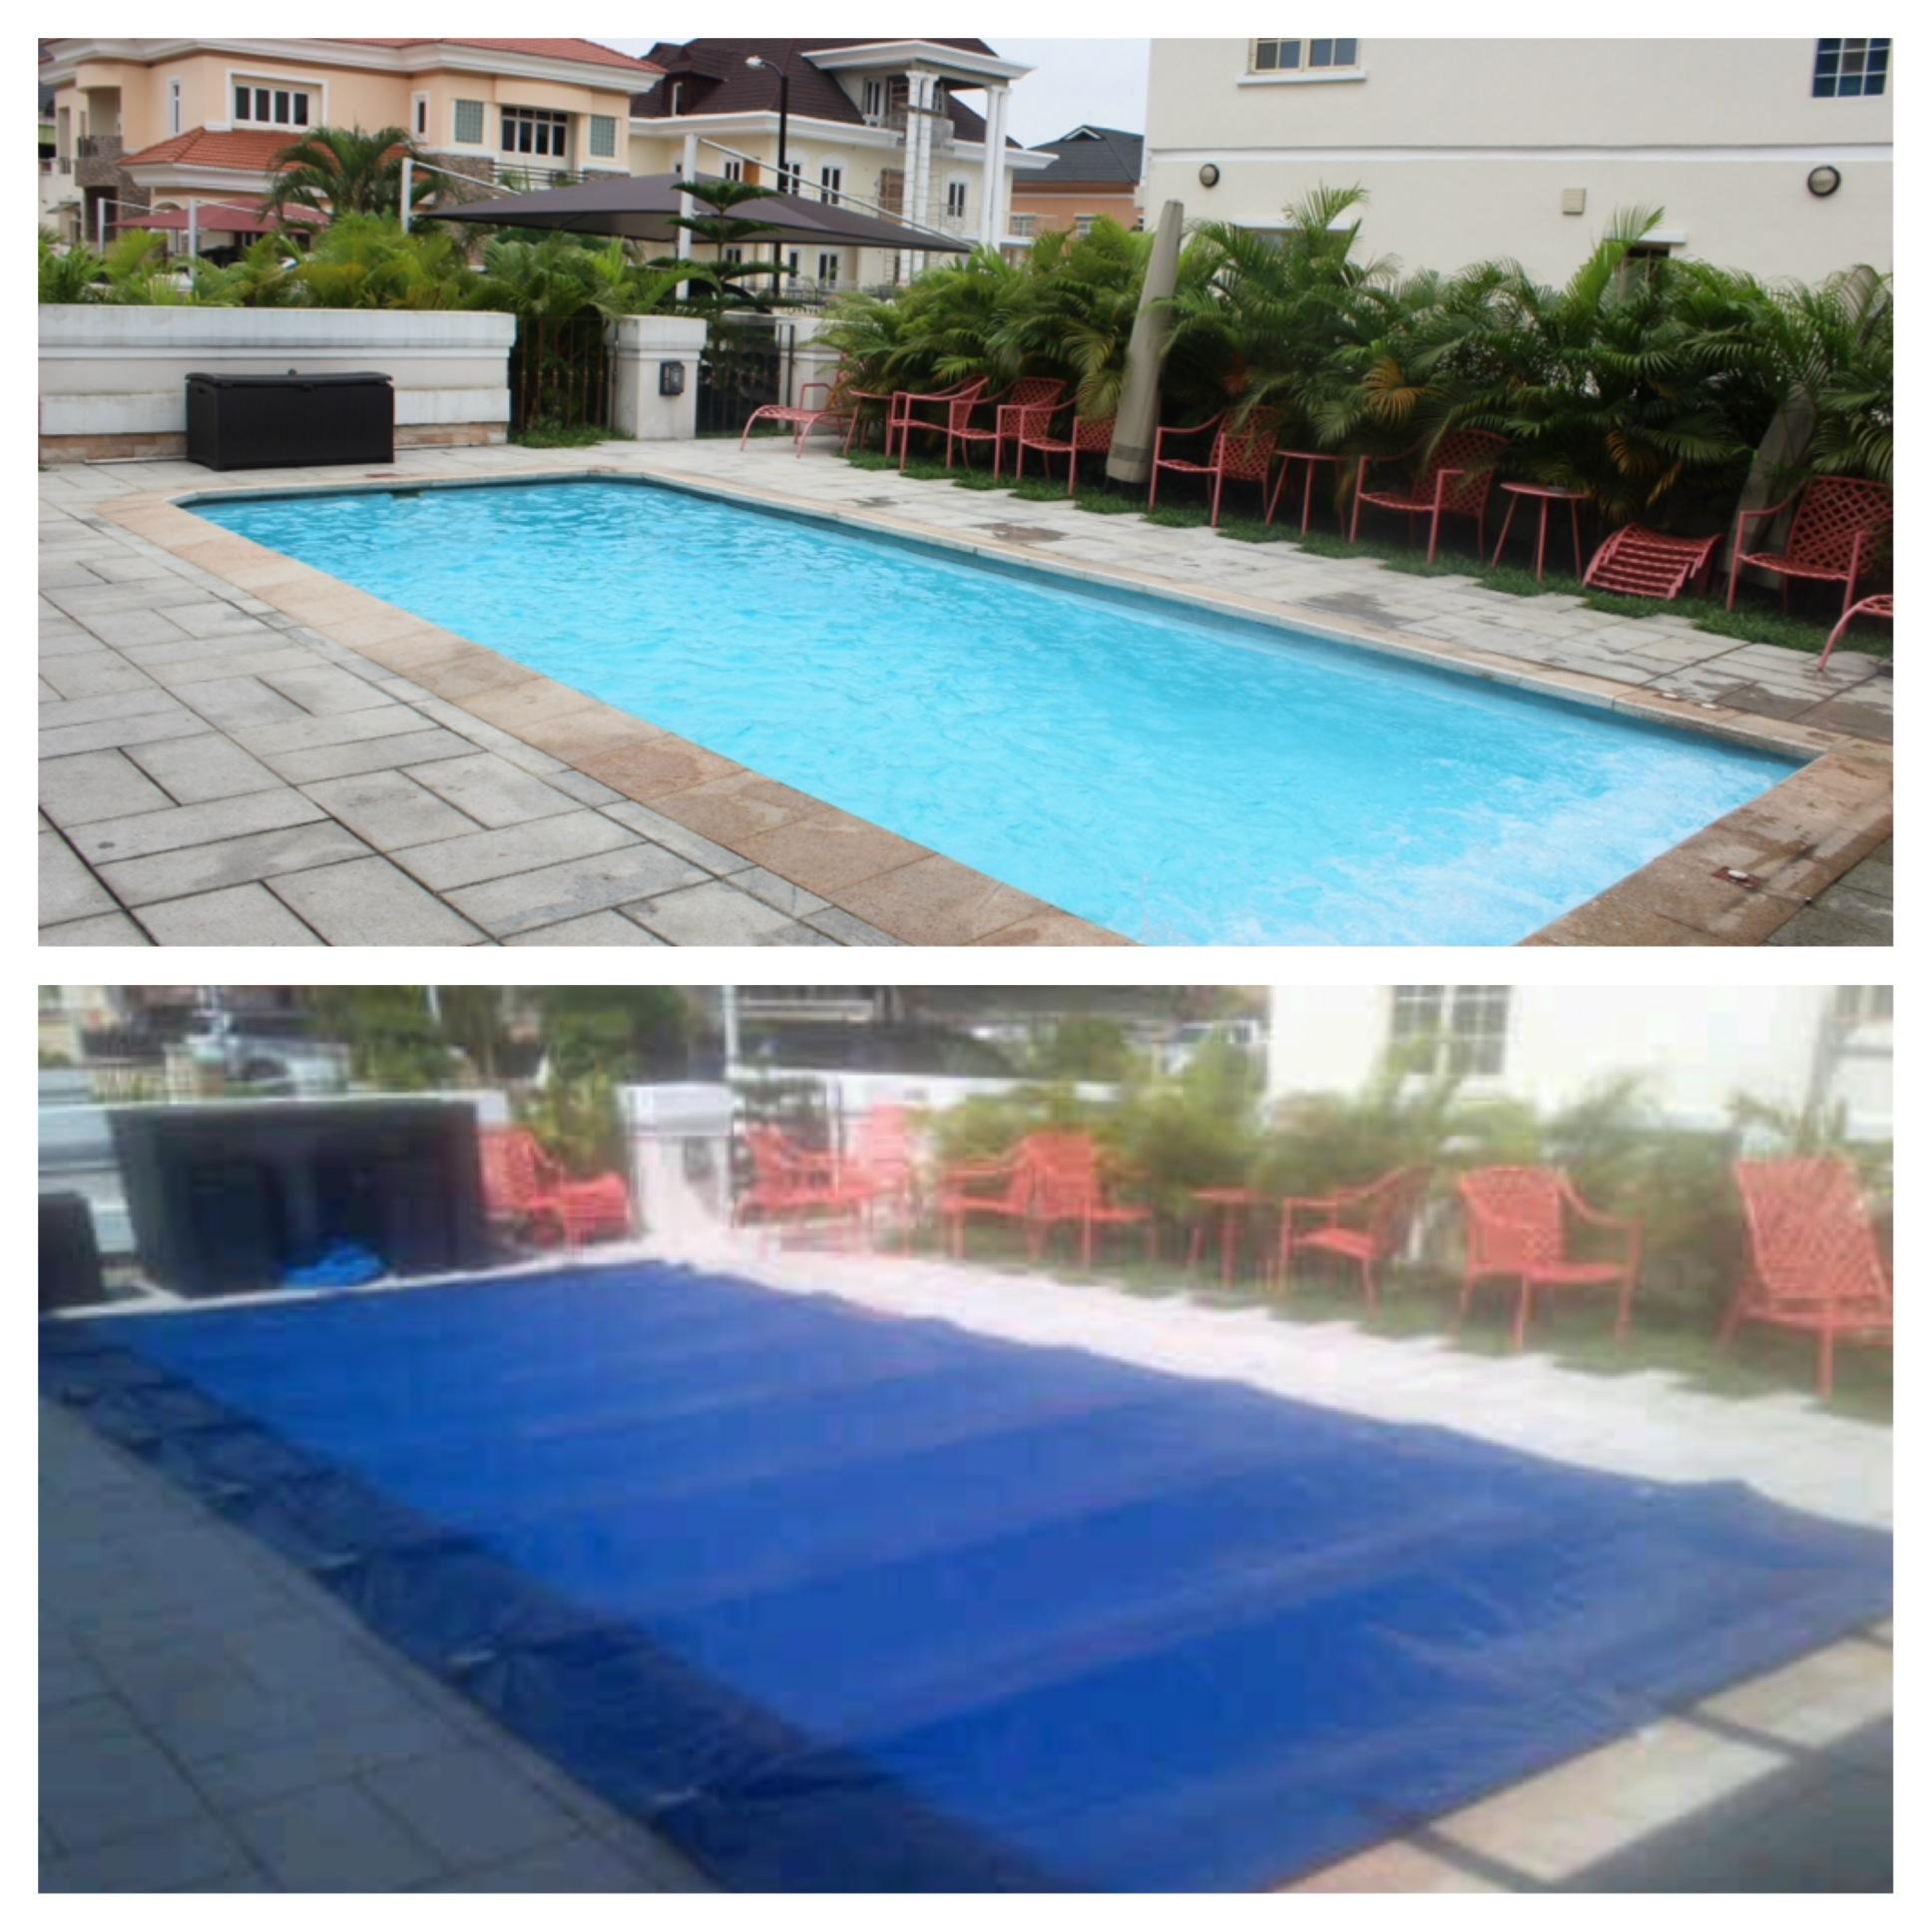 Pool Cover pix mix  (Carlton Gate)